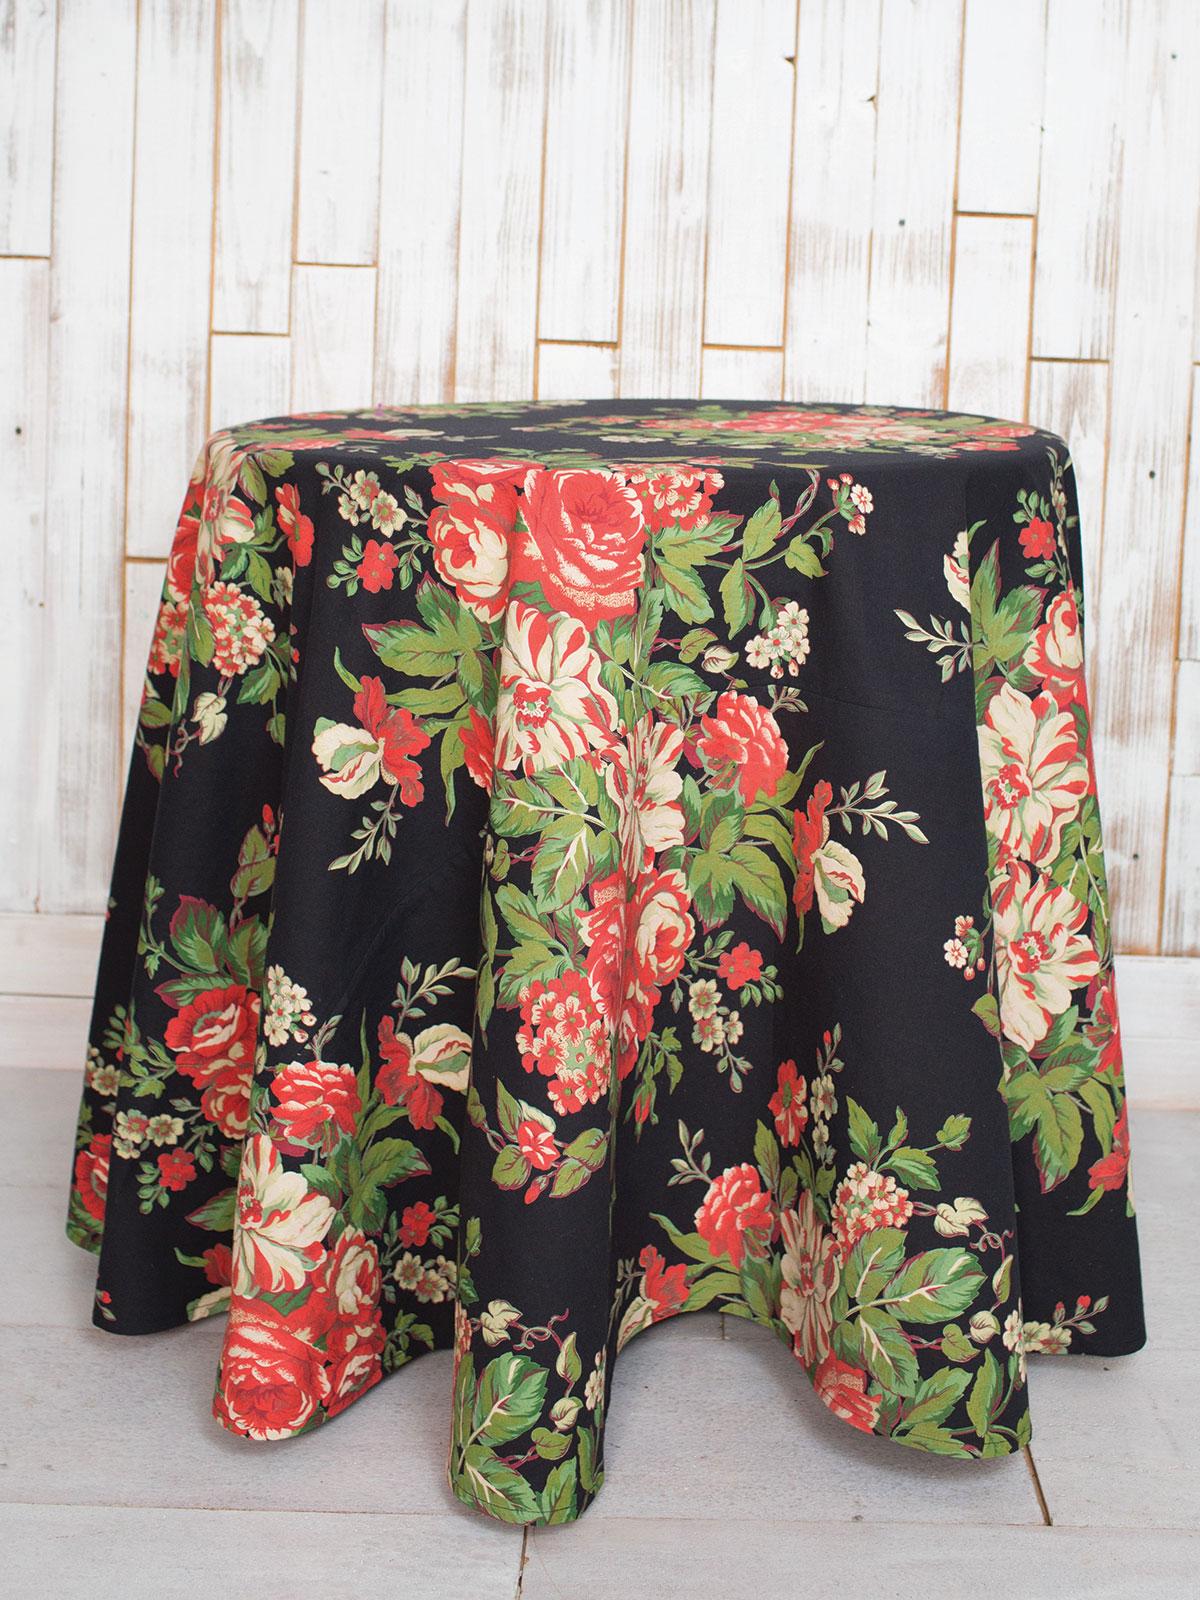 Vivian Round Tablecloth